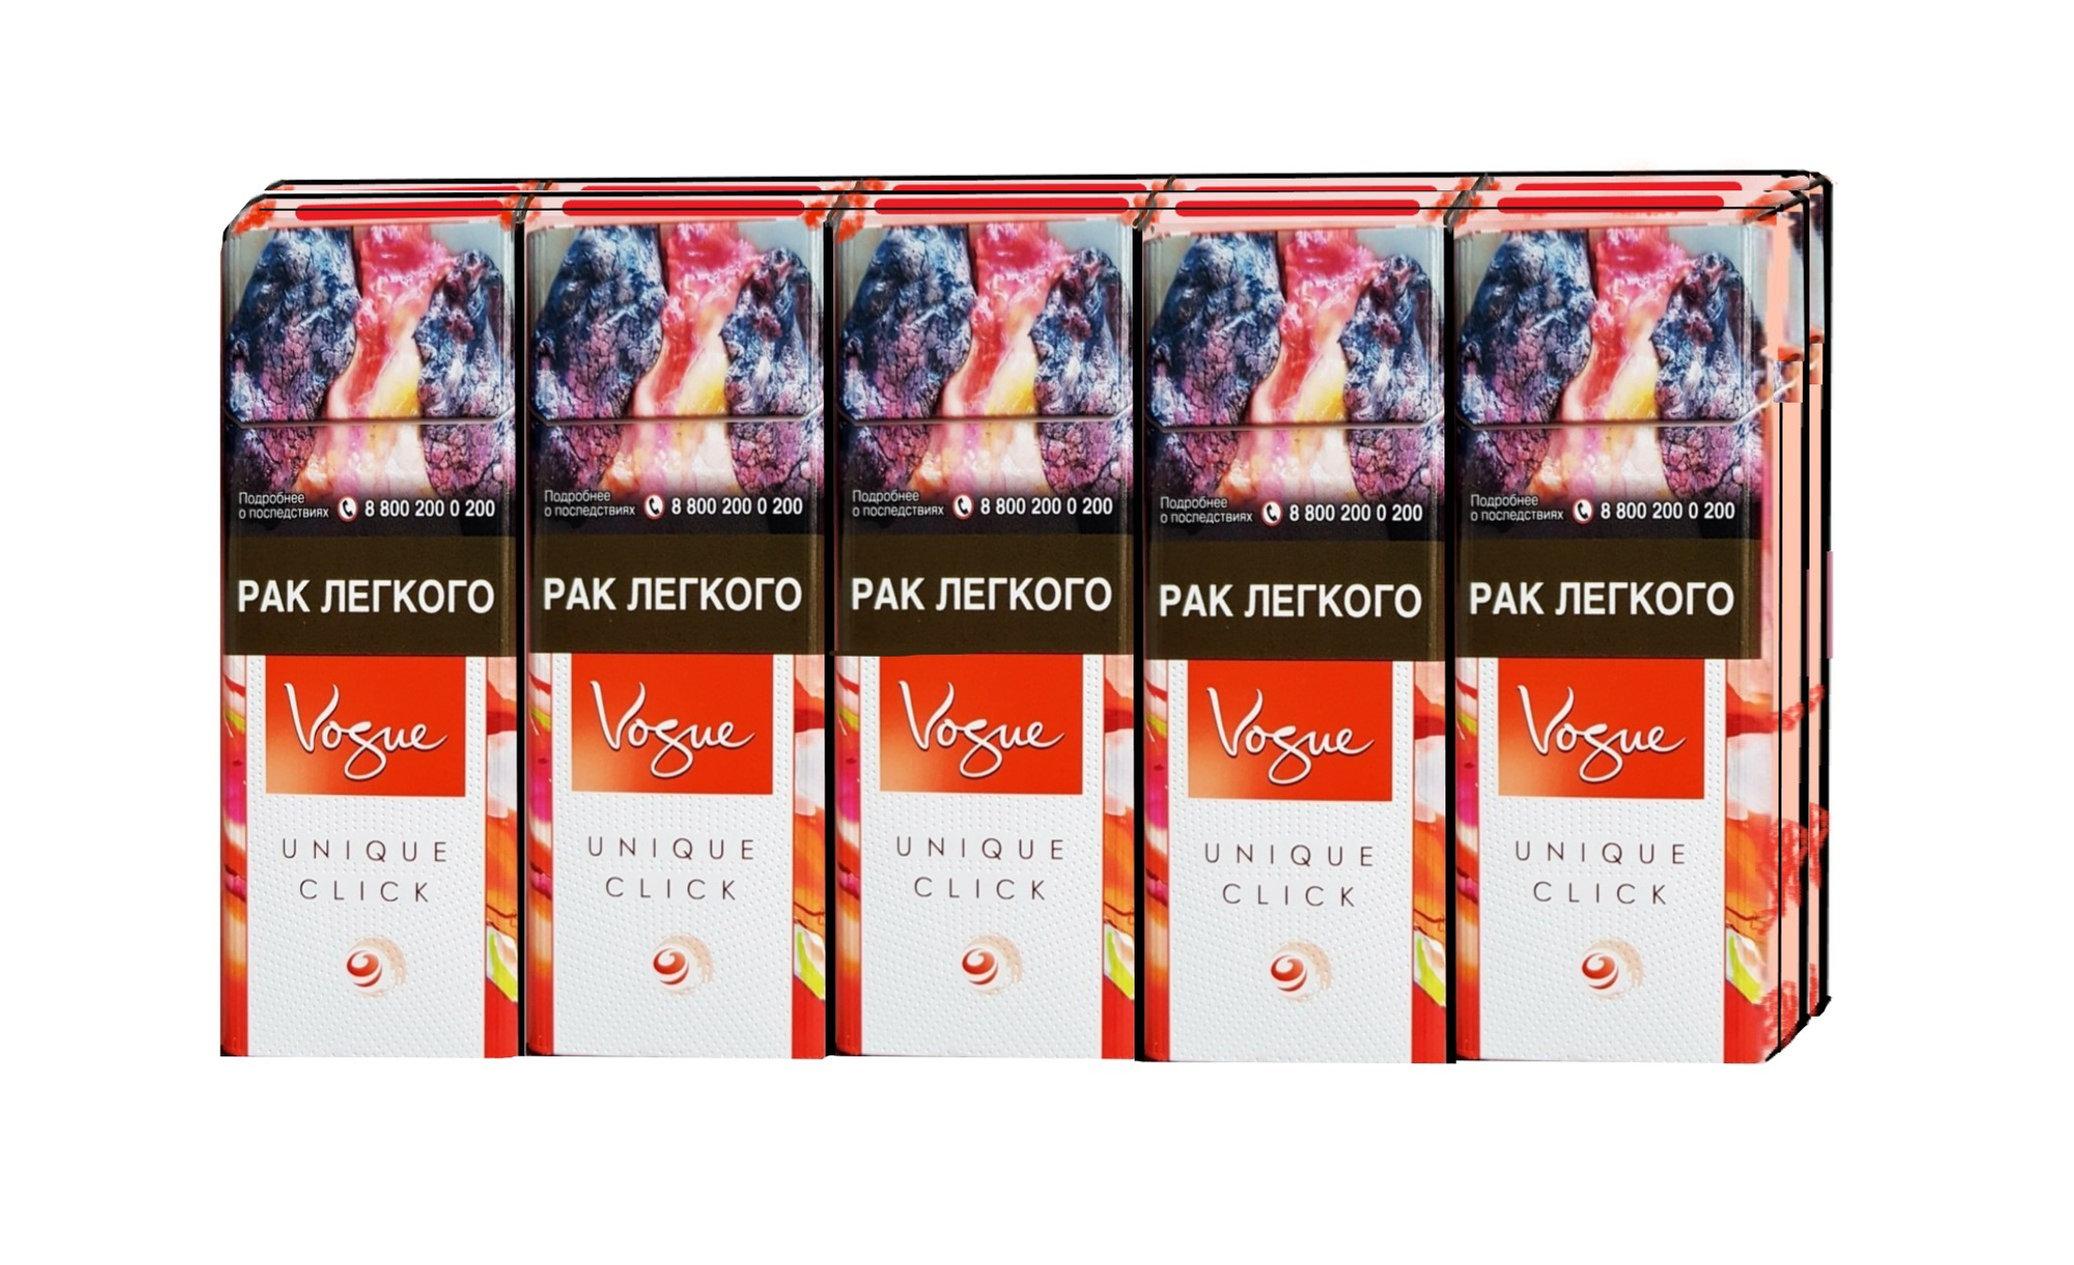 Купить сигареты vogue unique click сигареты оптом в москве кент 8